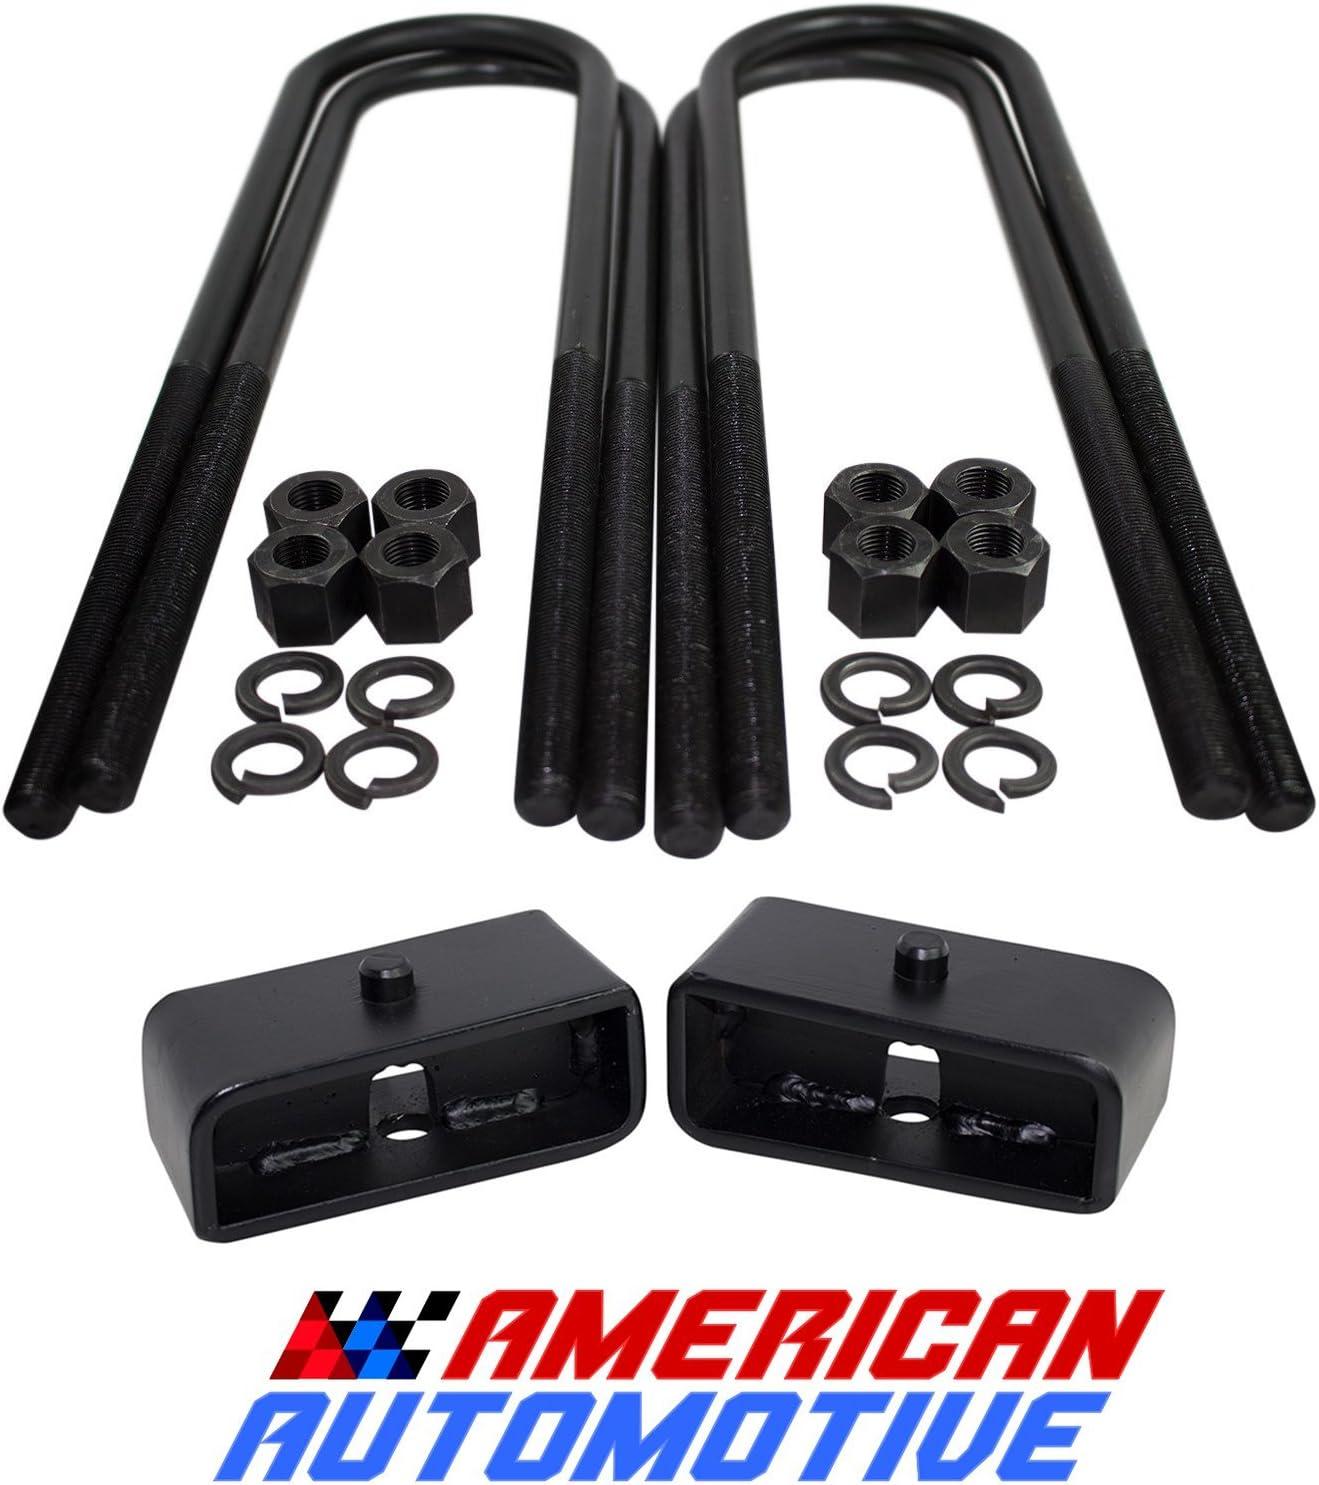 American Automotive 1999-2018 F250 F350 2 Rear Lift Blocks SuperDuty Kit 2WD 4WD /& U Bolt Super Duty Kit